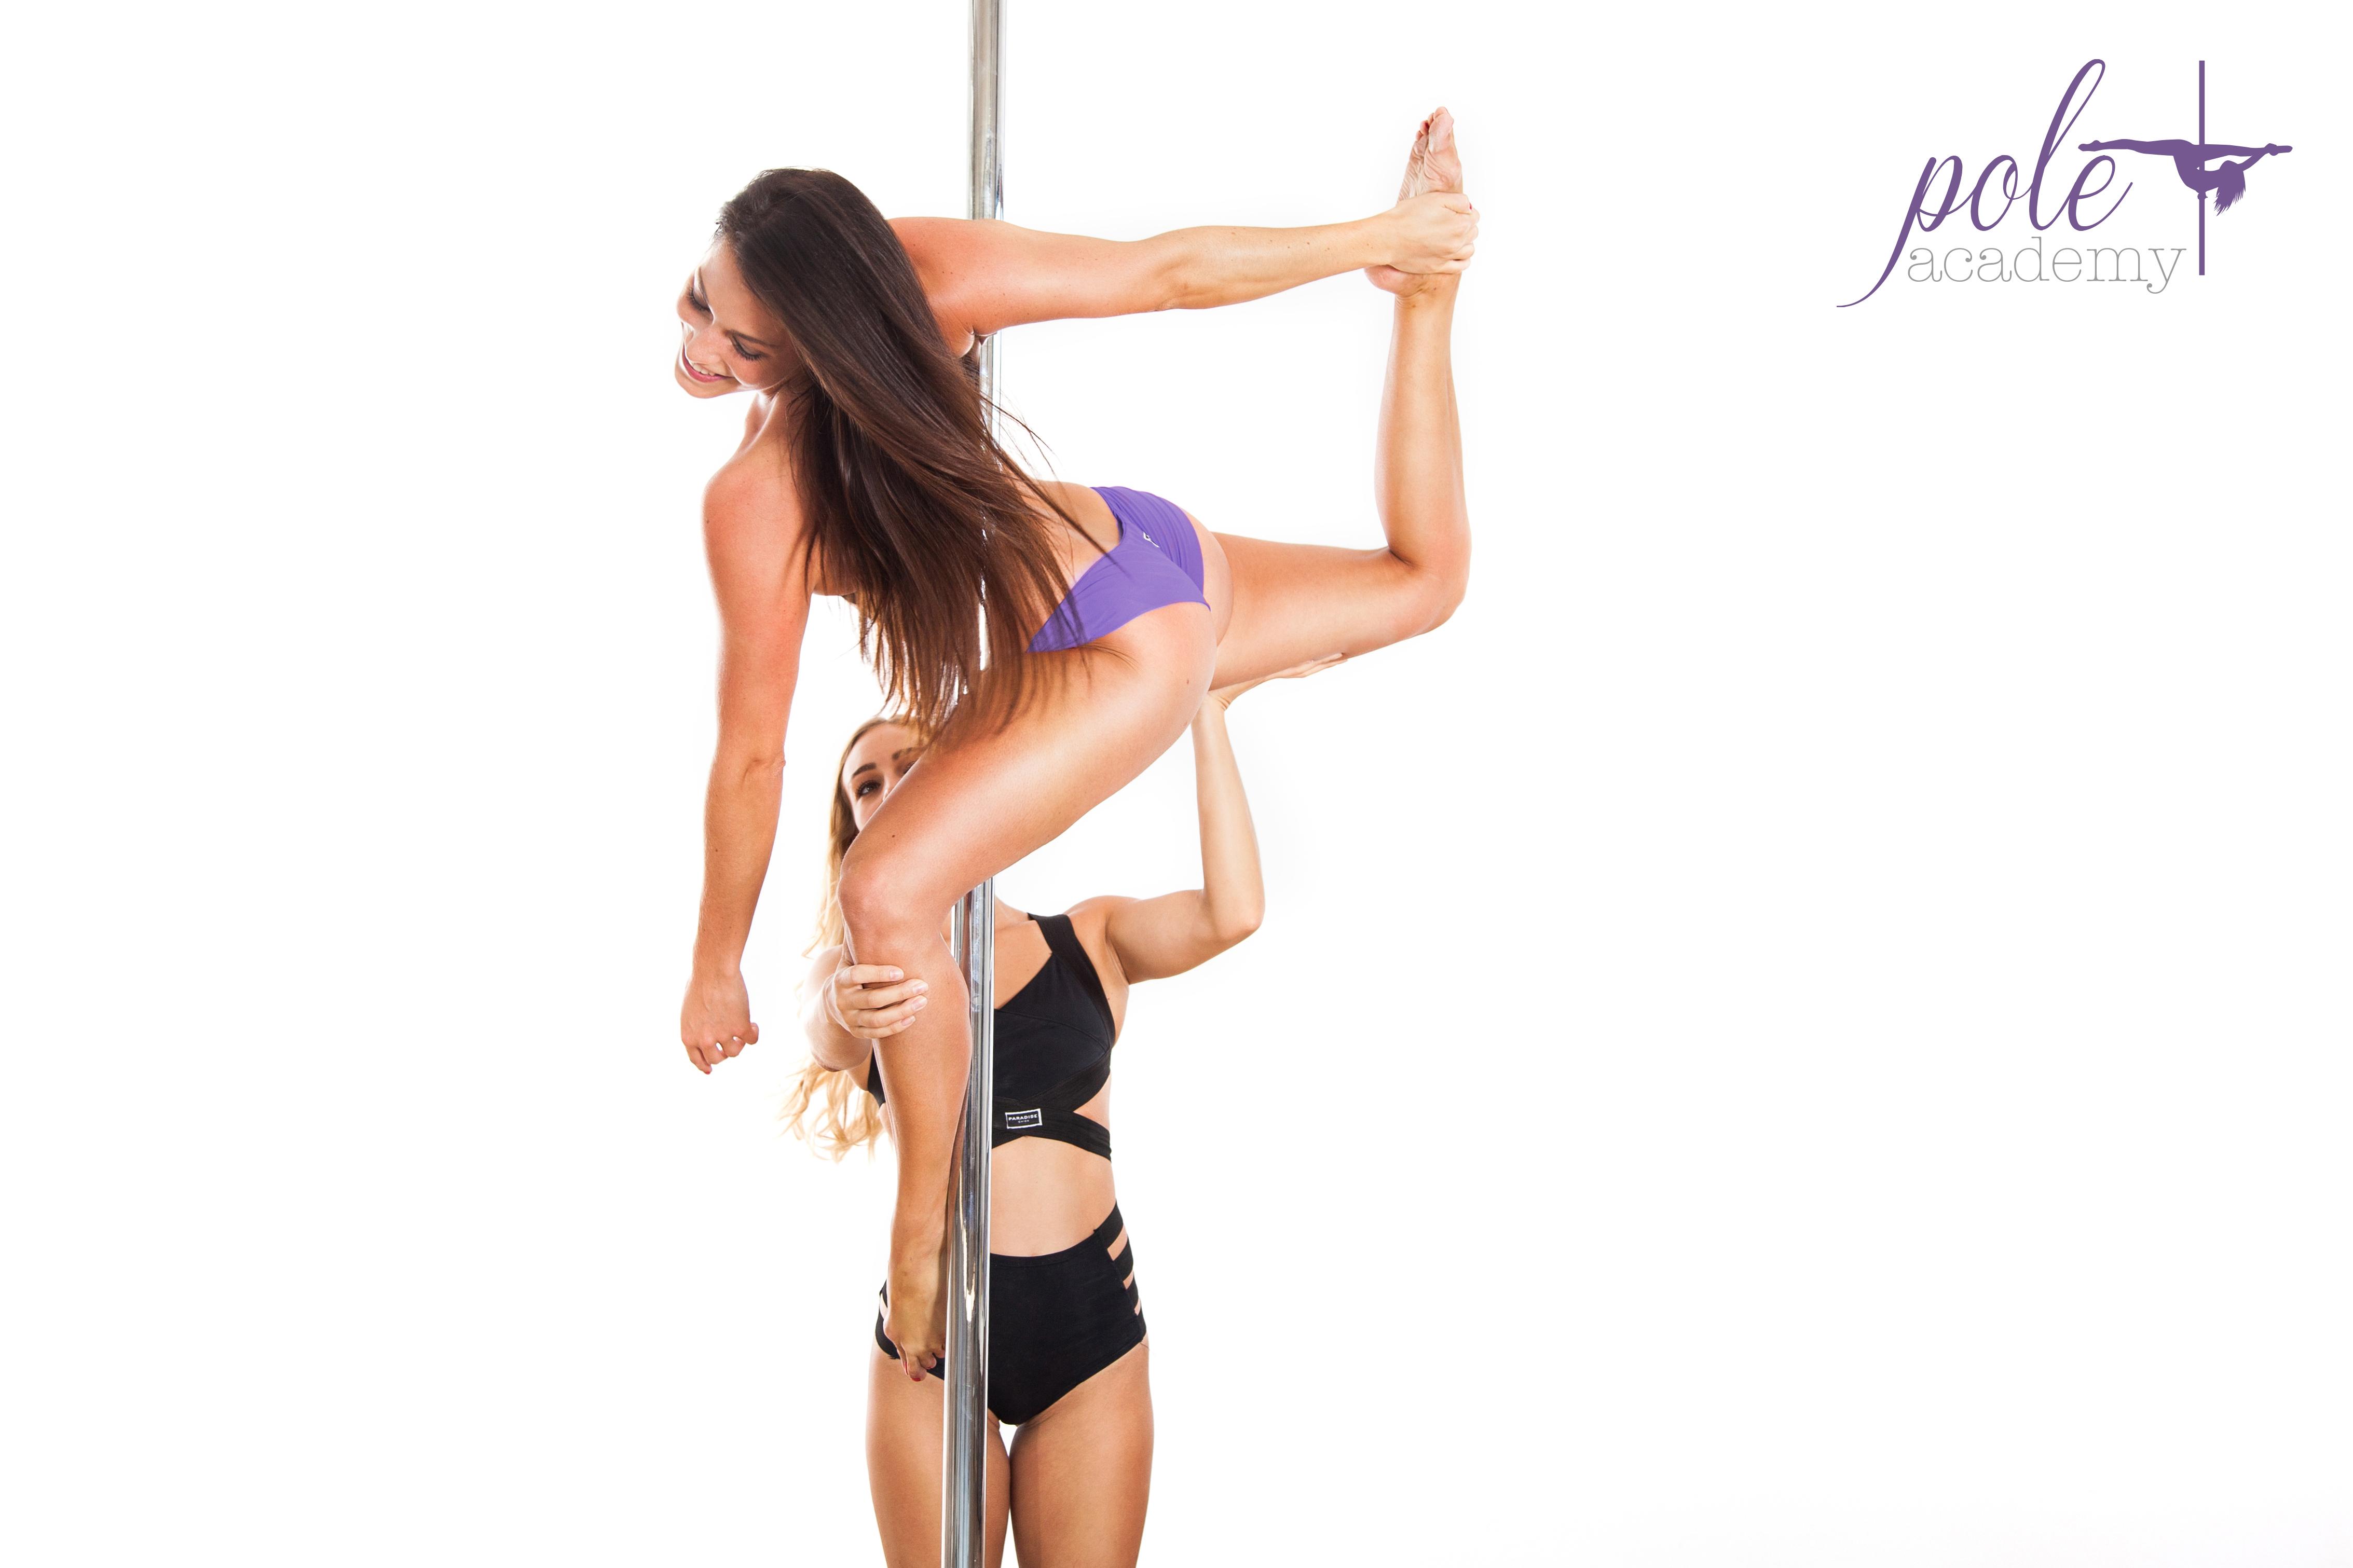 Pole Academy